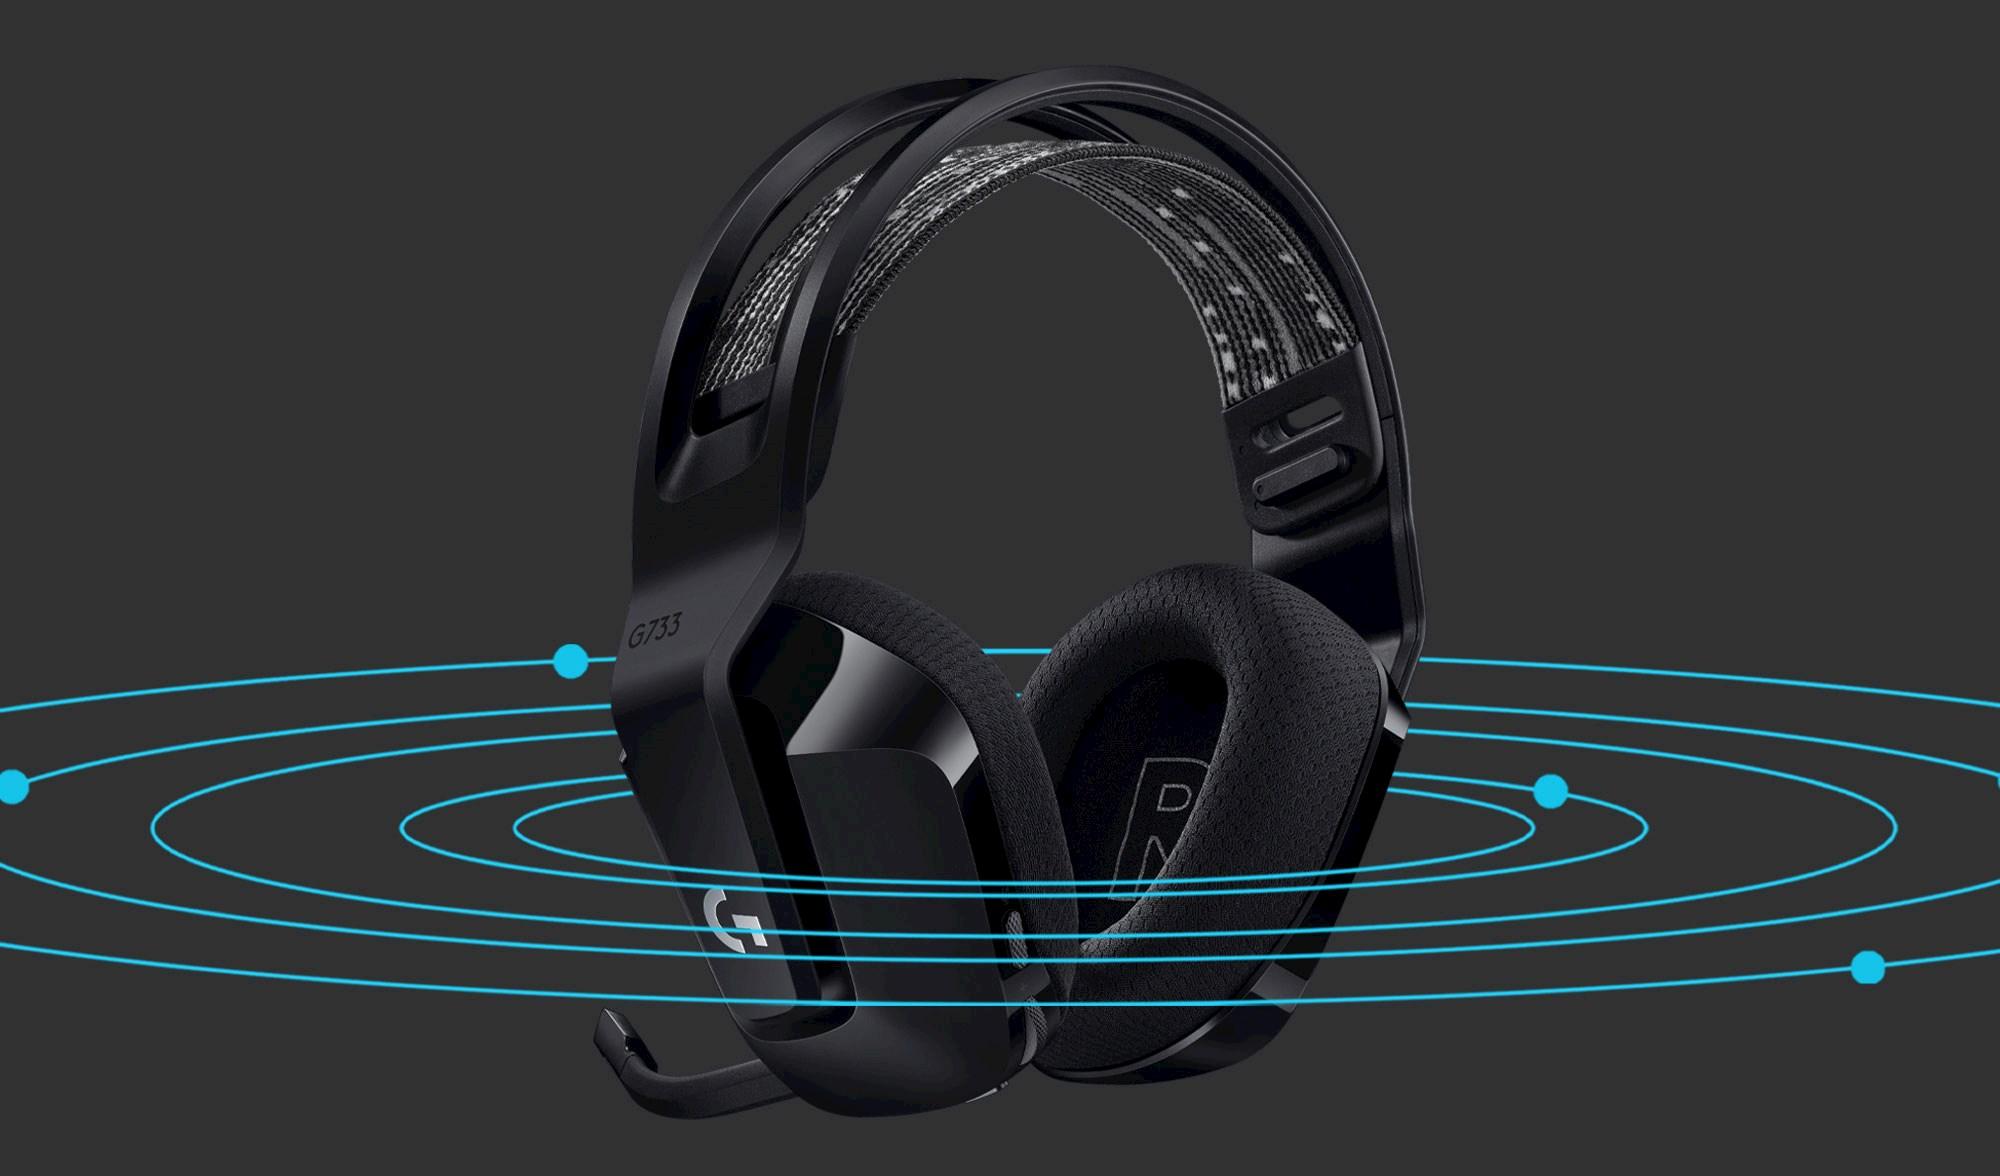 Logitech G733 Lightspeed headset